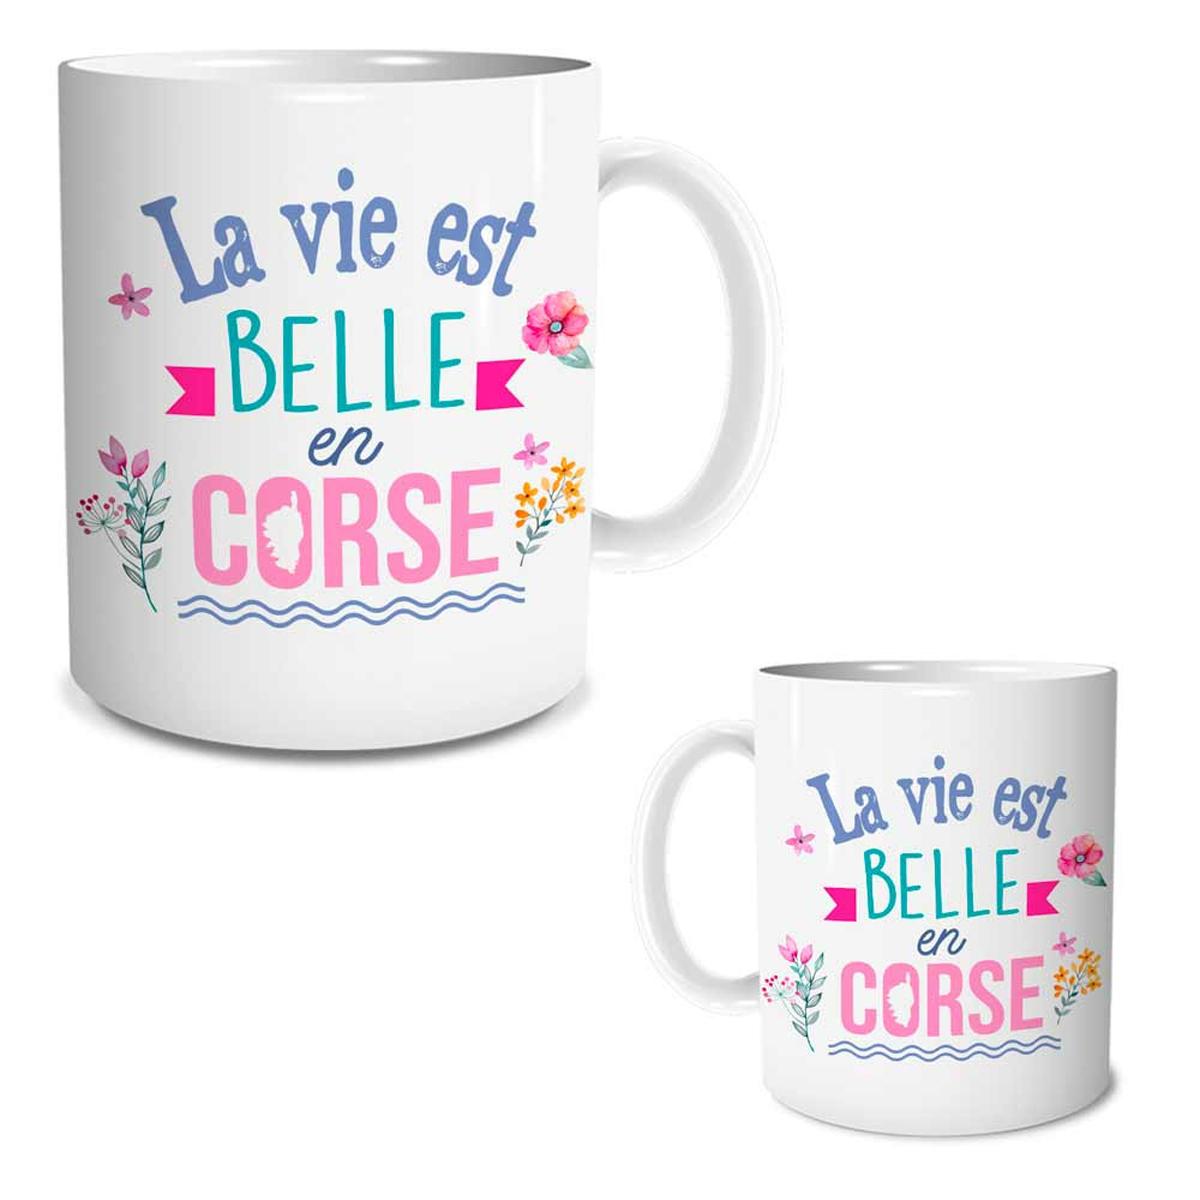 Mug céramique \'Corse\' (La vie est belle en Corse) - 95x80 mm - [R1644]